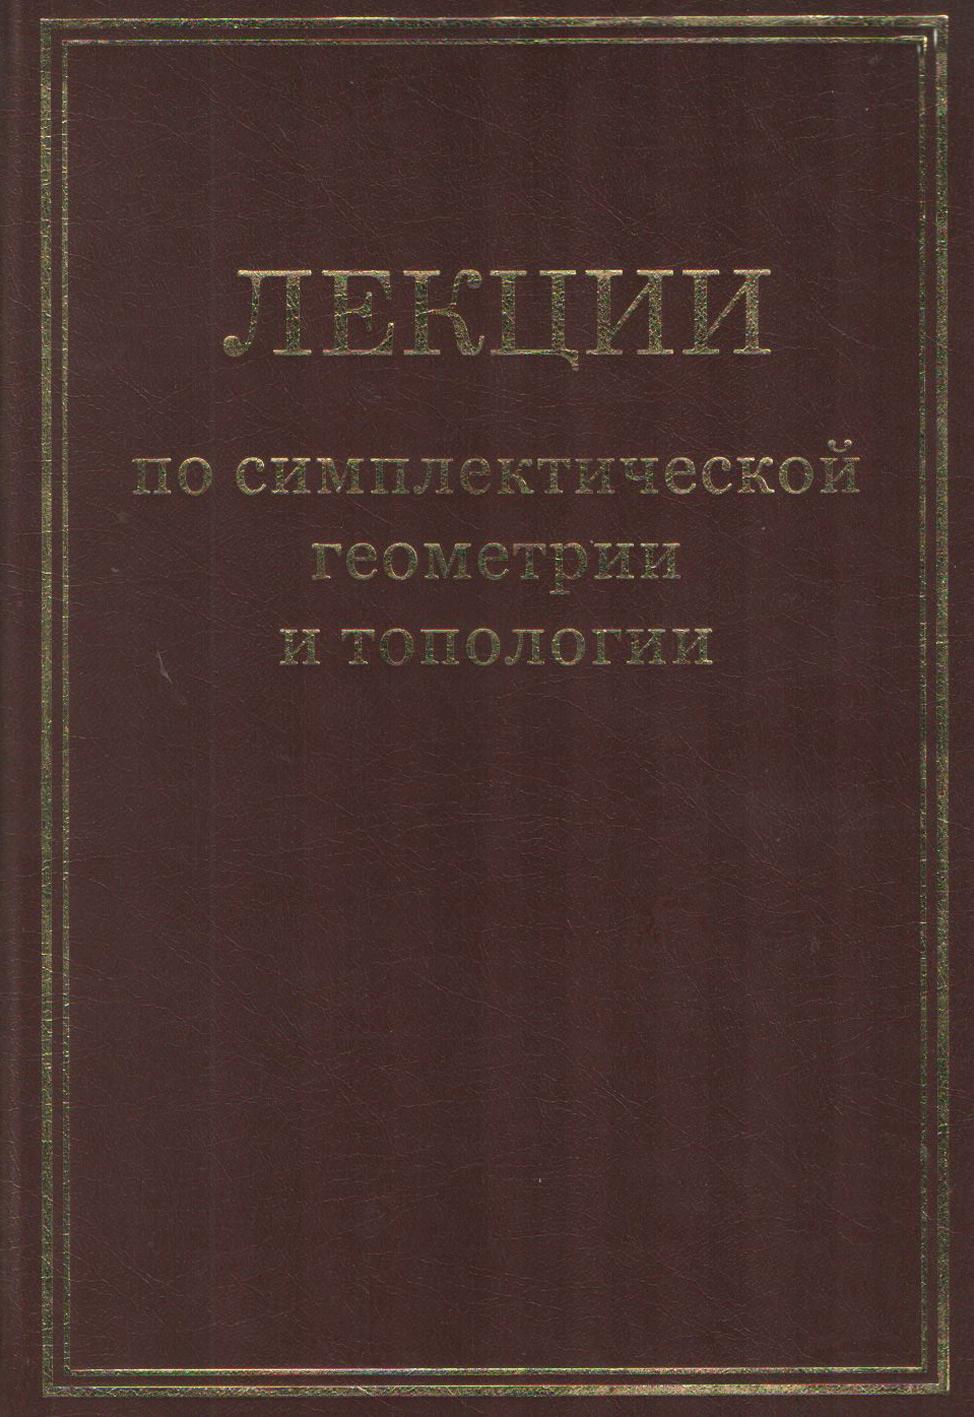 Сборник Лекции по симплектической геометрии и топологии мини лук zing с двумя стрелами на присосках as911